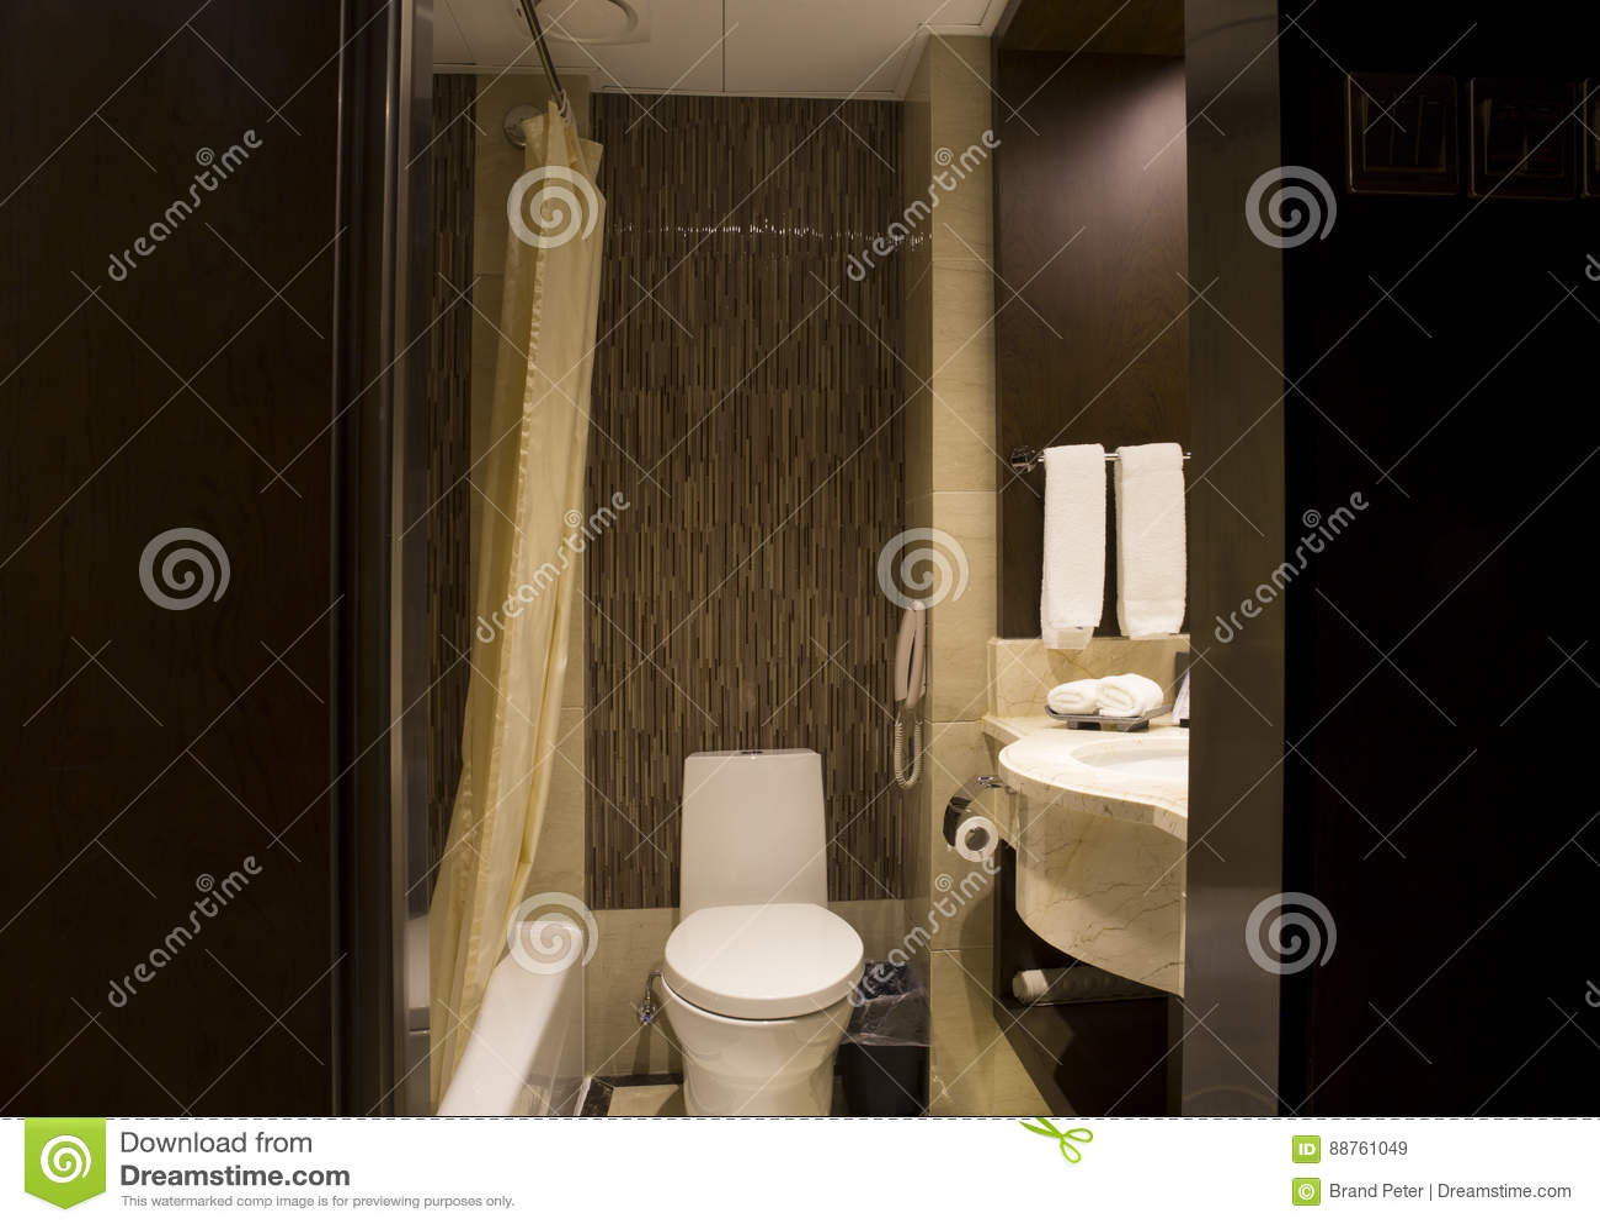 Disposición moderna del cuarto de baño